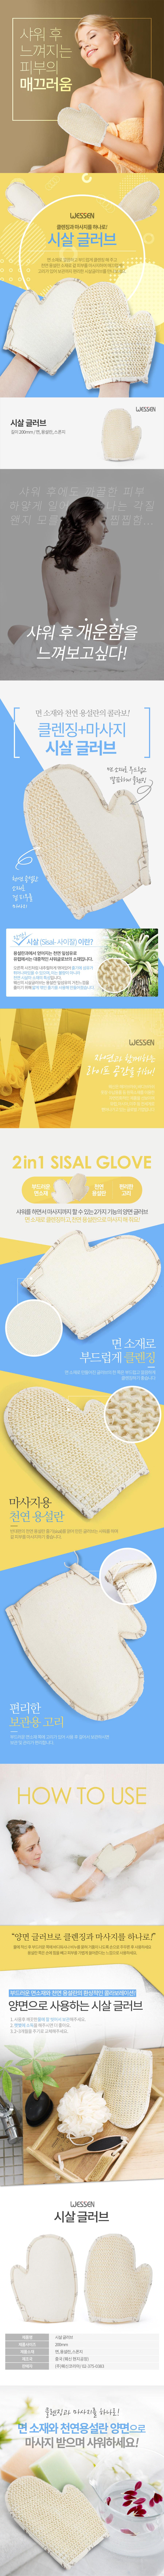 시살글러브 웨신목욕용품